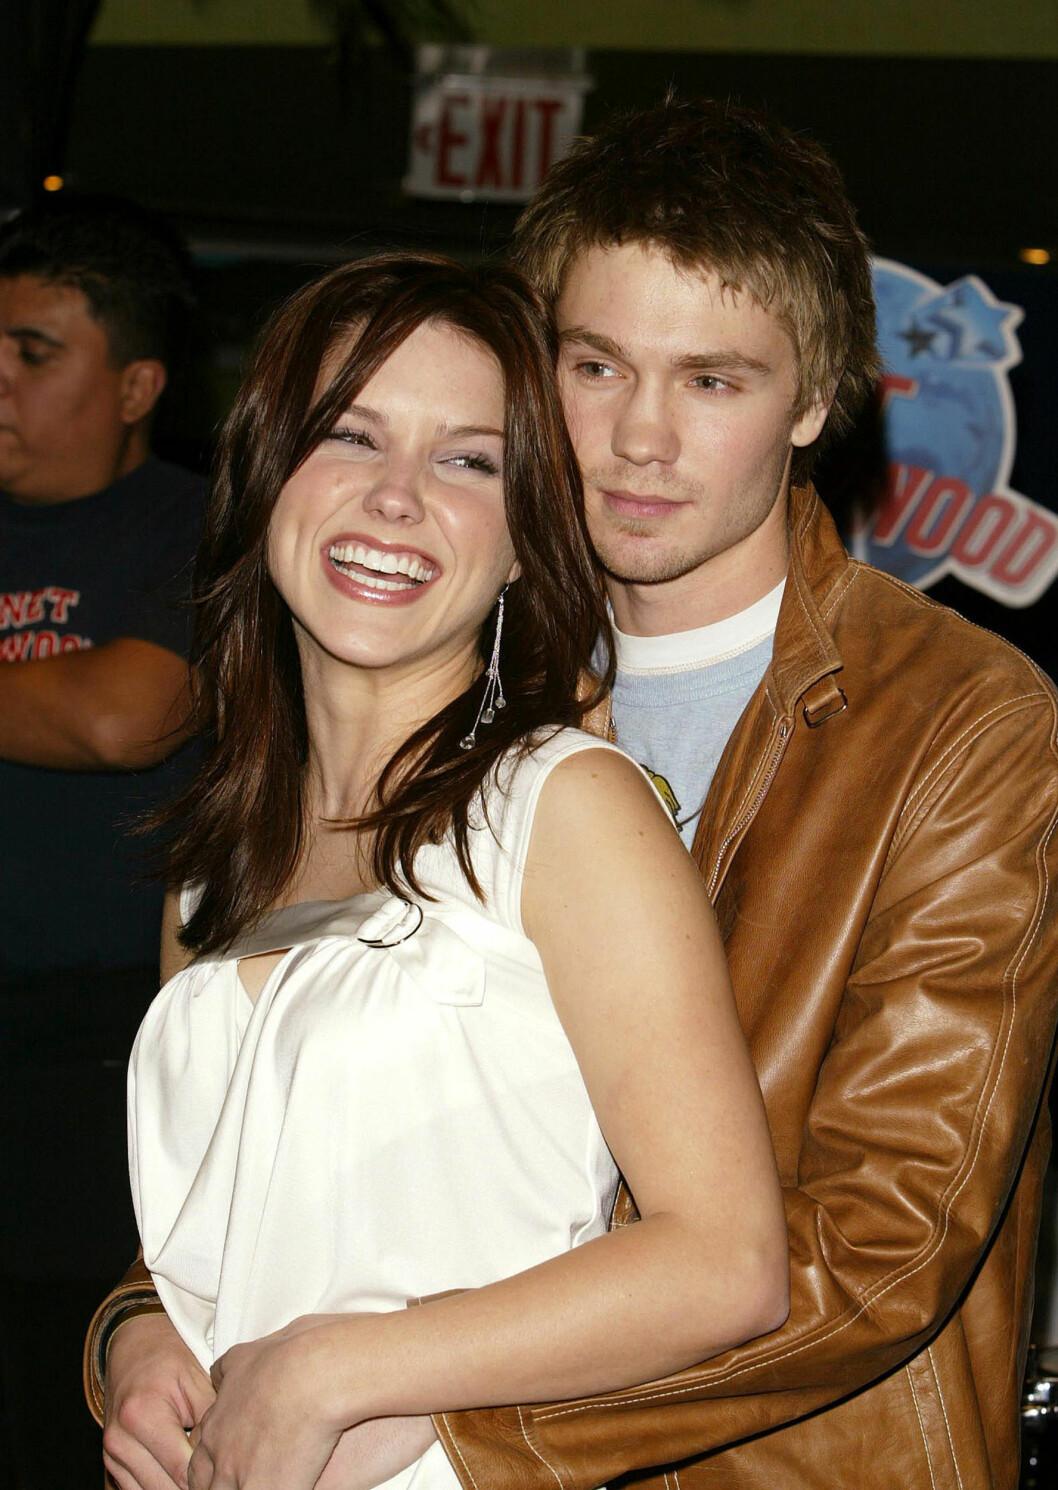 LYKKEN BRAST: Sophia Bush og Chad Michael Murray giftet seg i 2004, men ble skilt allerede året etter. Foto: Scanpix